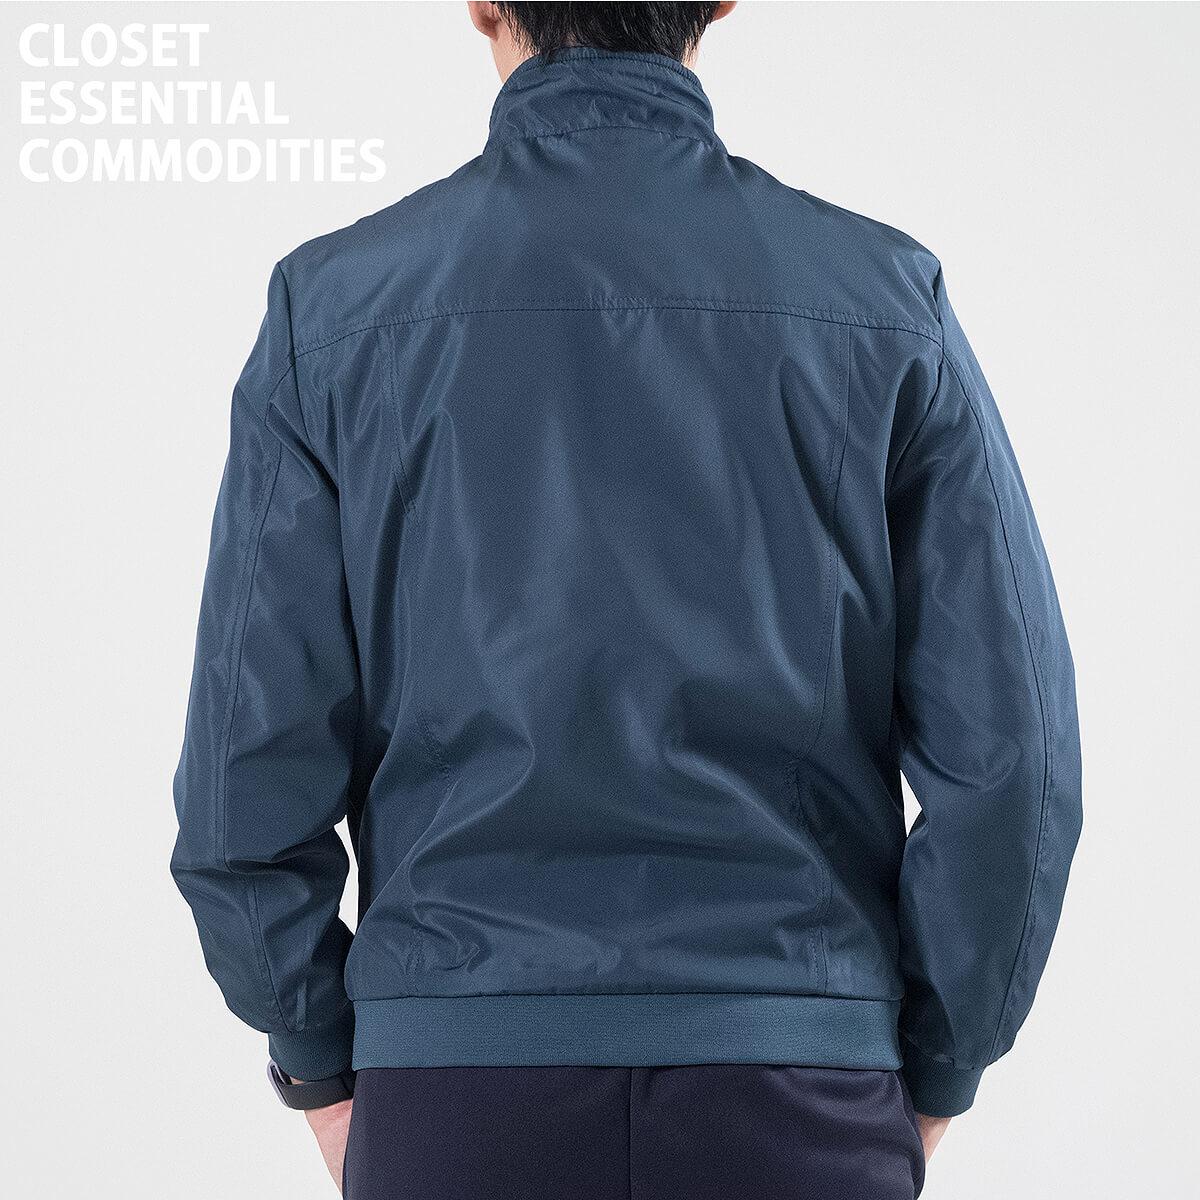 軍裝外套 修身夾克外套 立領素面外套 鈕扣肩章外套 格紋內裡薄外套 防風外套 潮流時尚休閒外套 風衣外套 黑色外套 Military Jacket Men's Jackets Windproof Jackets Button-up Epaulets (321-8025-01)咖啡色、(321-8025-02)藍綠色(321-8025-04)黑色  L XL 2L 3L 4L (胸圍109~124公分  43~49英吋) 男 [實體店面保障] sun-e 7